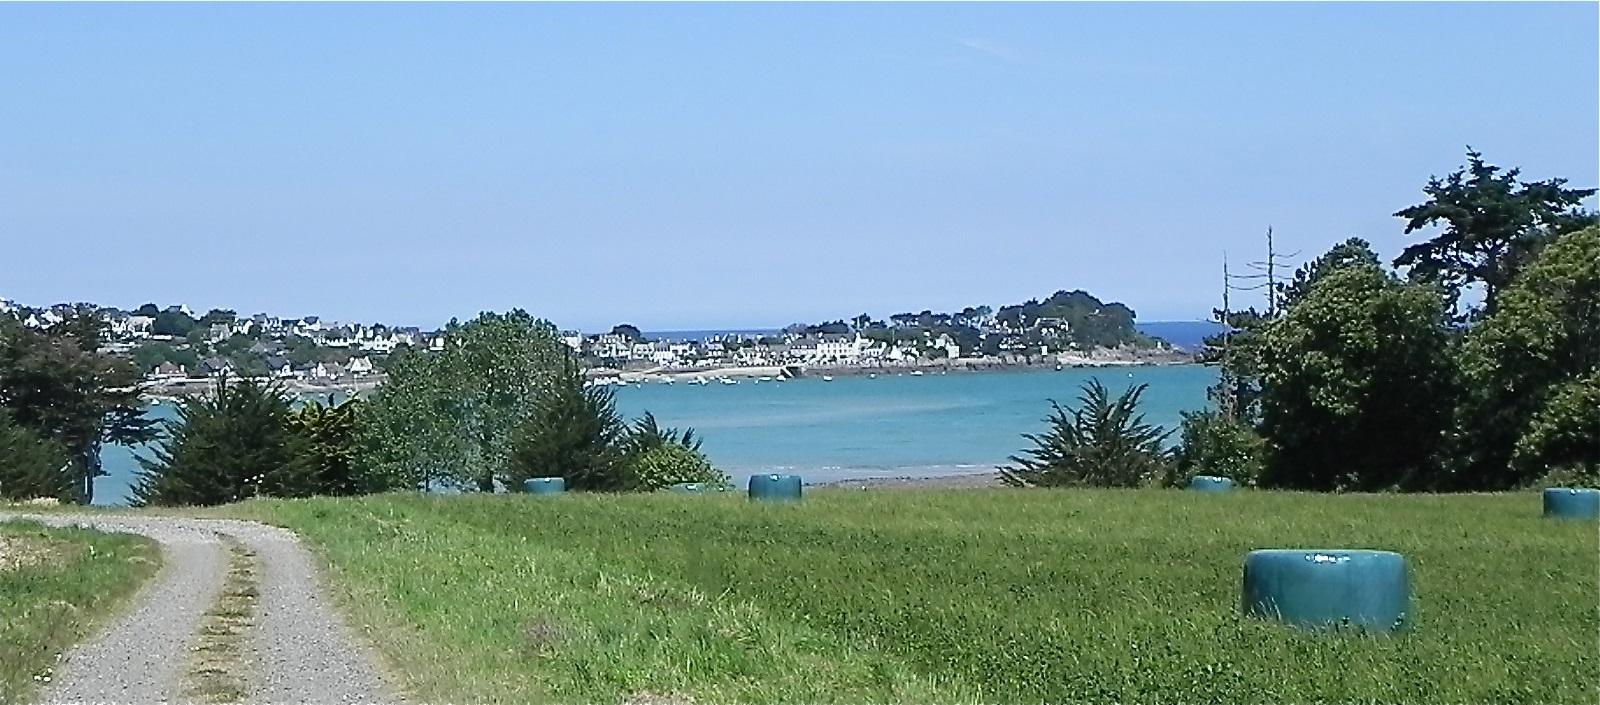 Séminaire Finistere, location de salle Finistere bord de mer : L'ile Blanche à Locquirec